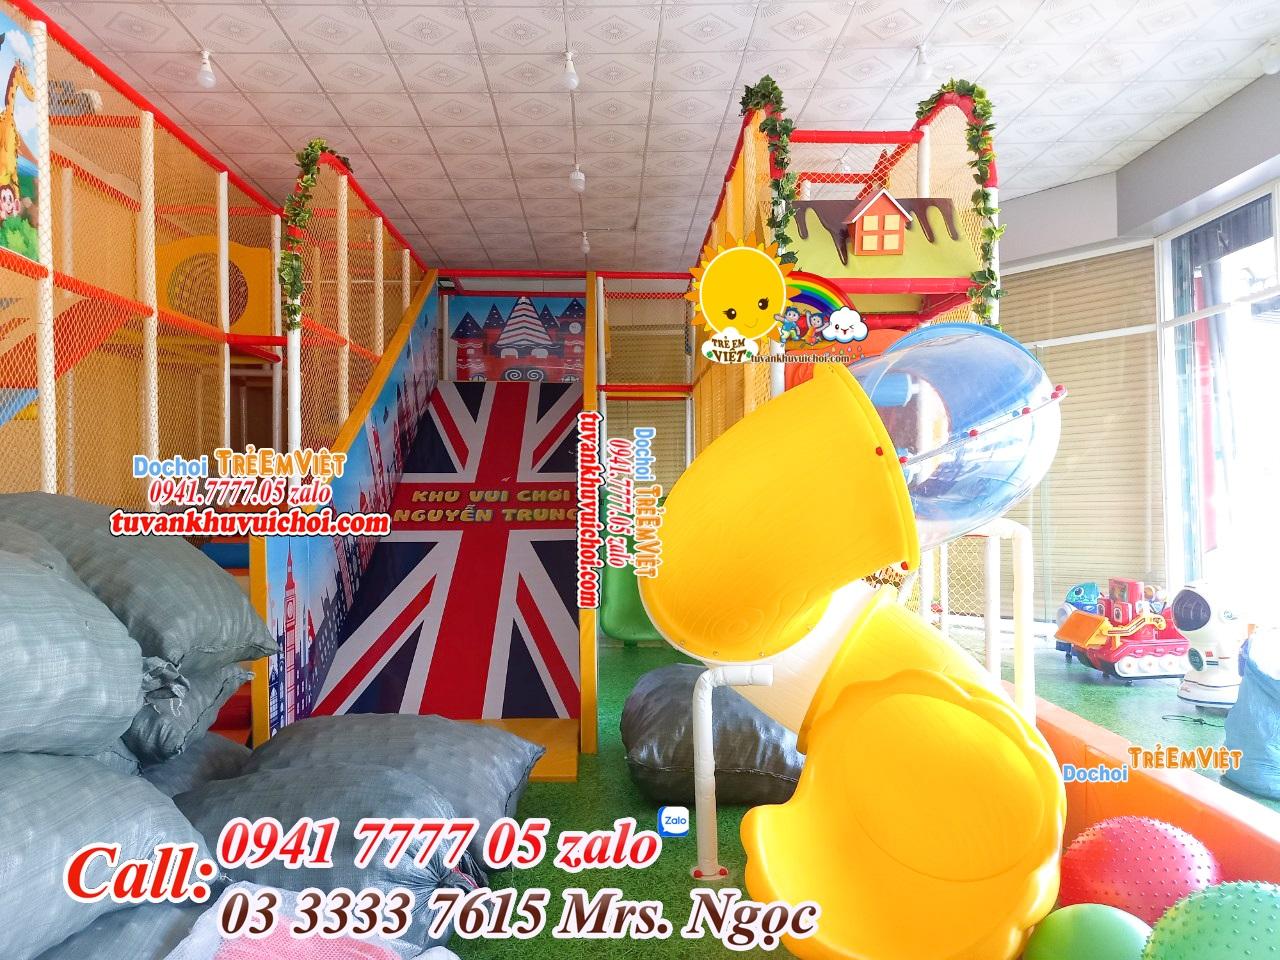 thiết kế khu vui chơi trẻ em ở nông thôn